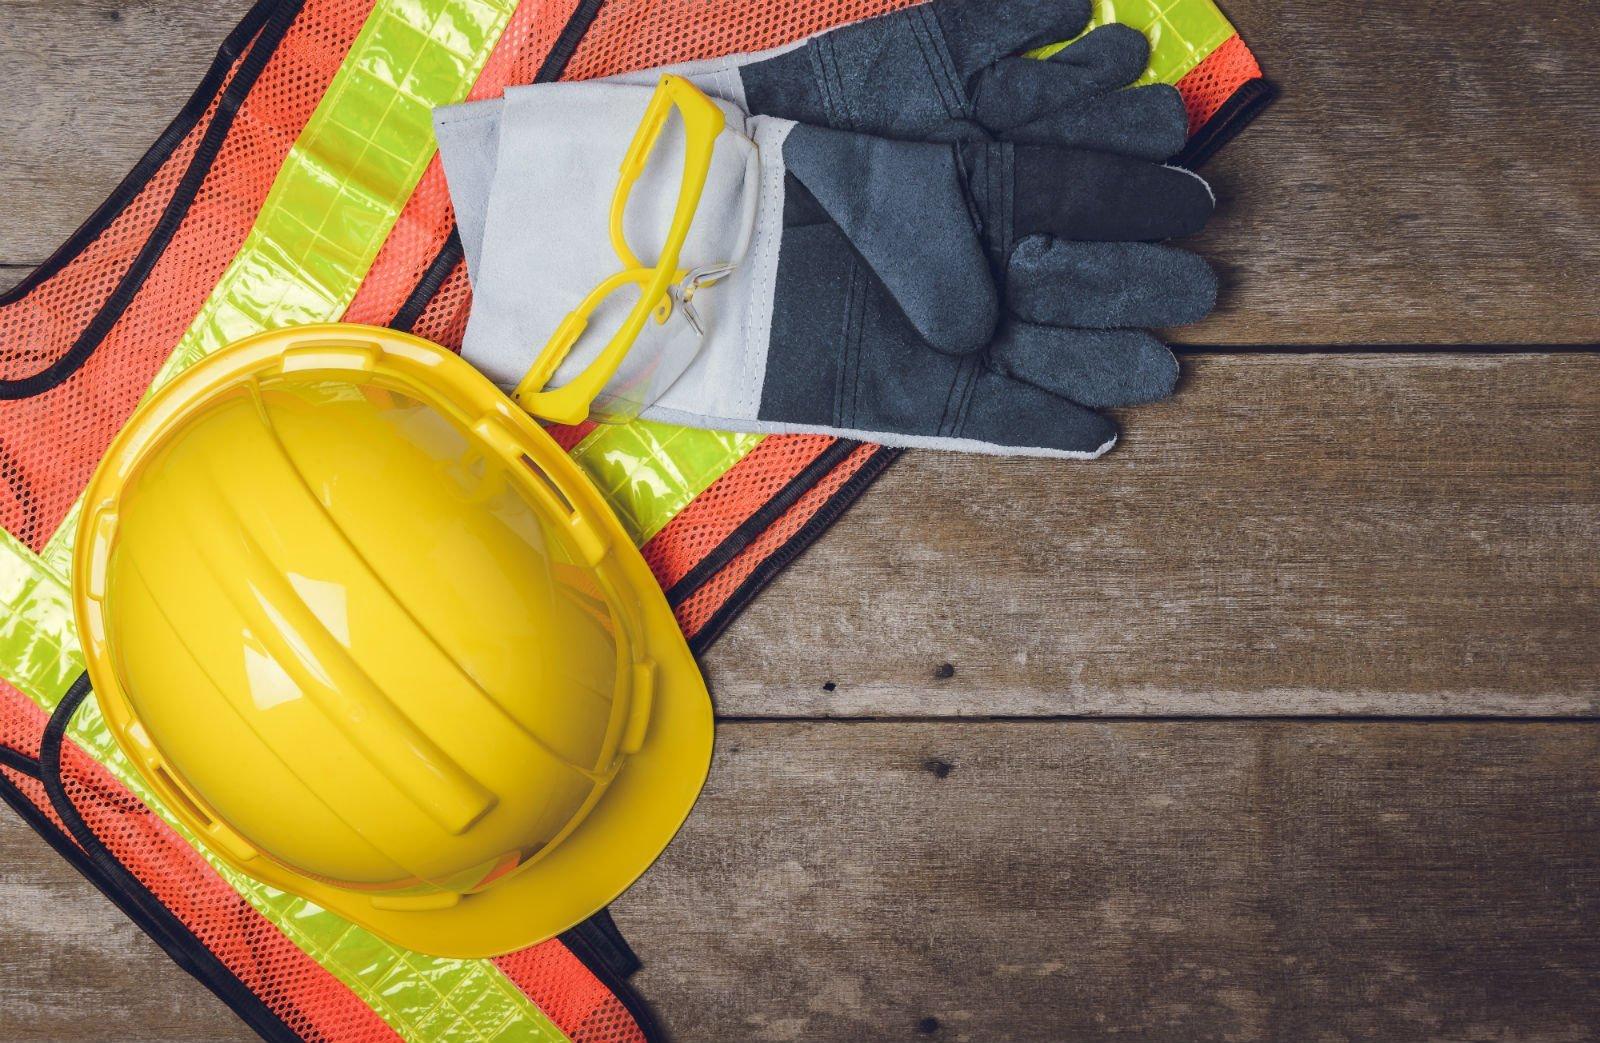 un casco antinfortunistico dei guanti e un giubbotto arancione